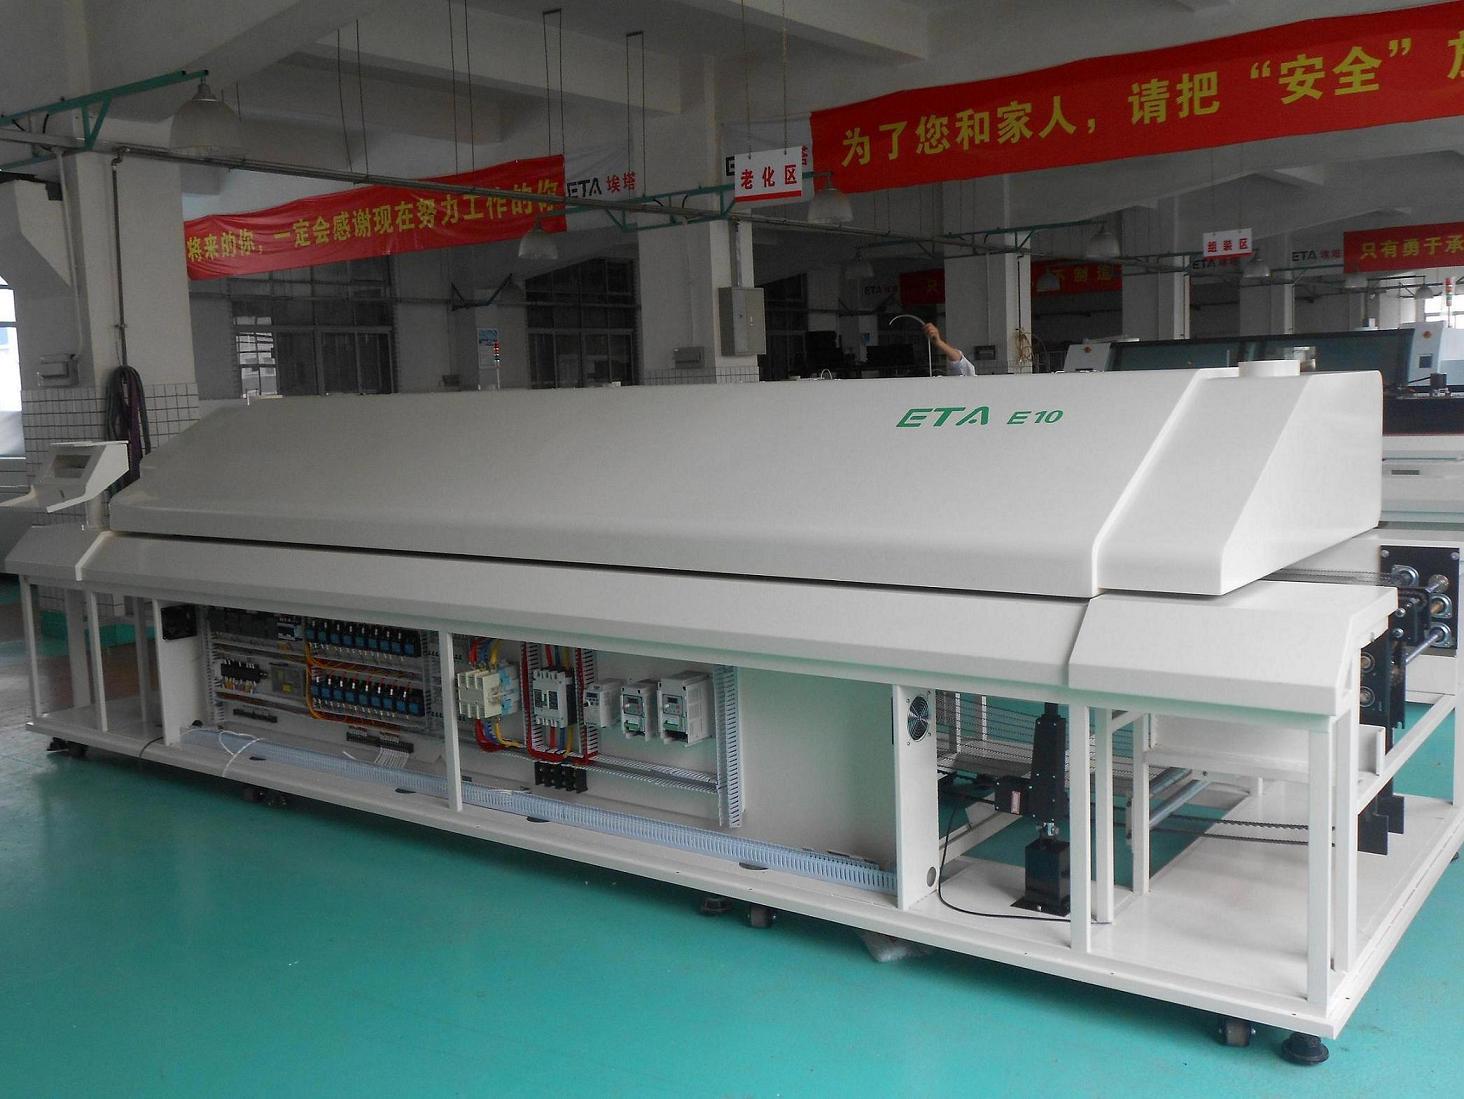 SMT Machine Loader and Unloader for SMT Production Line